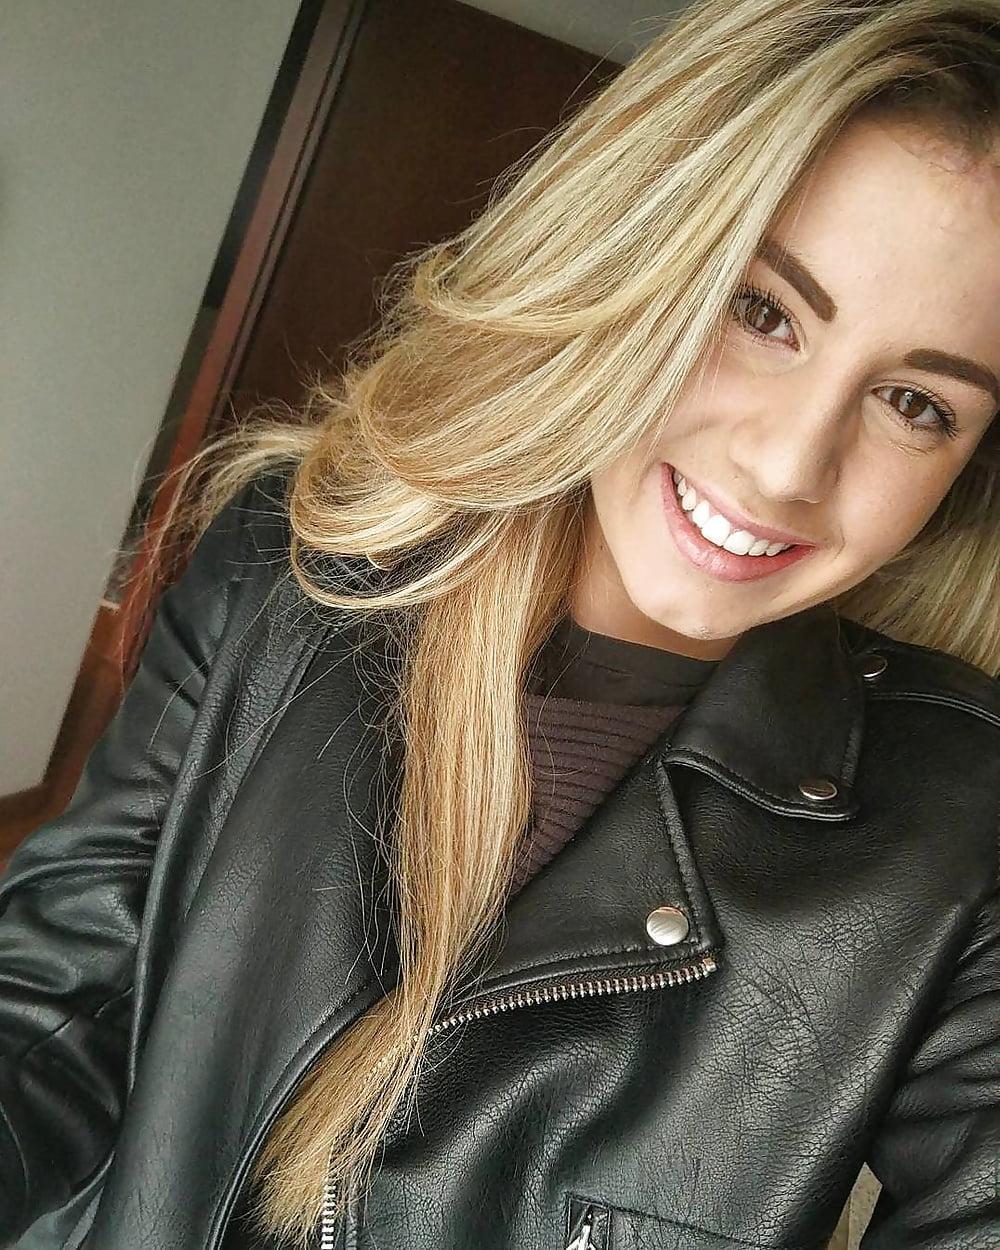 Nicoletta aus Nordrhein-Westfalen,Deutschland